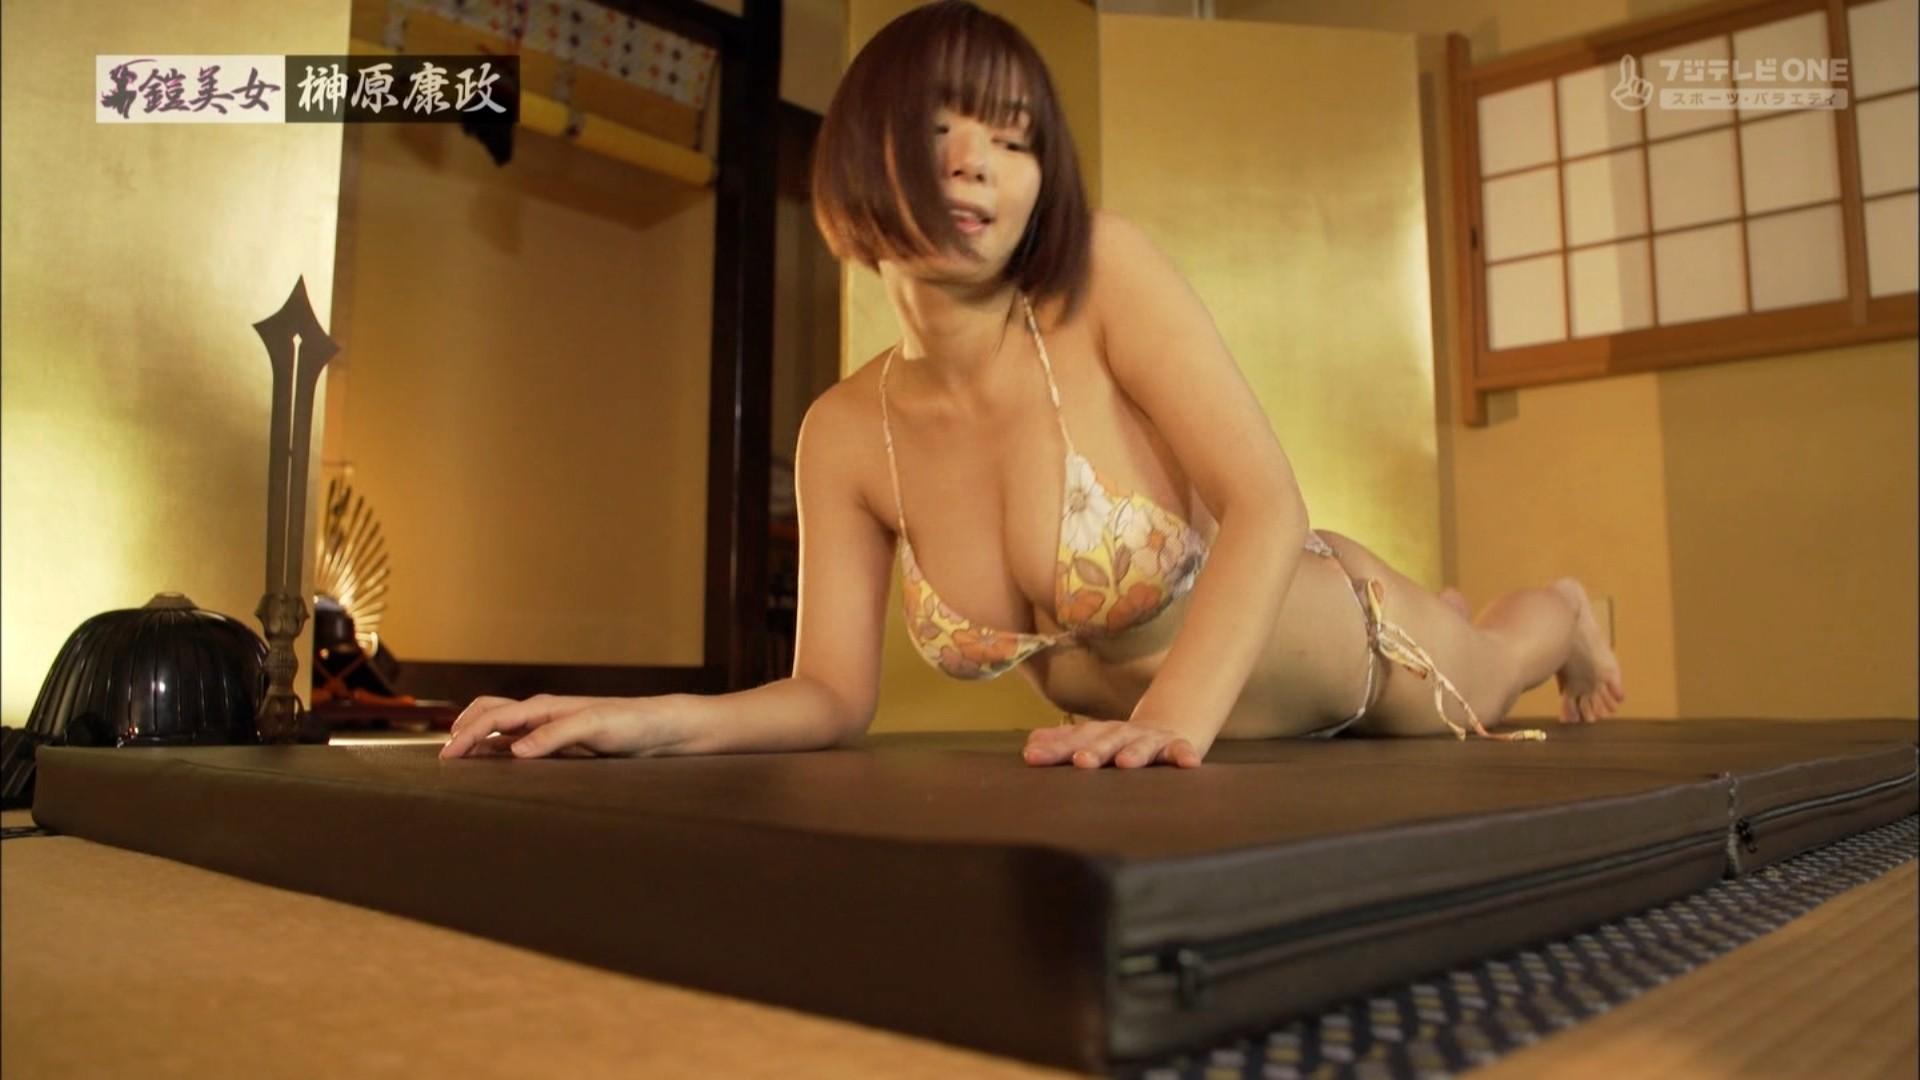 鎧美女#52のテレビキャプチャー画像-045